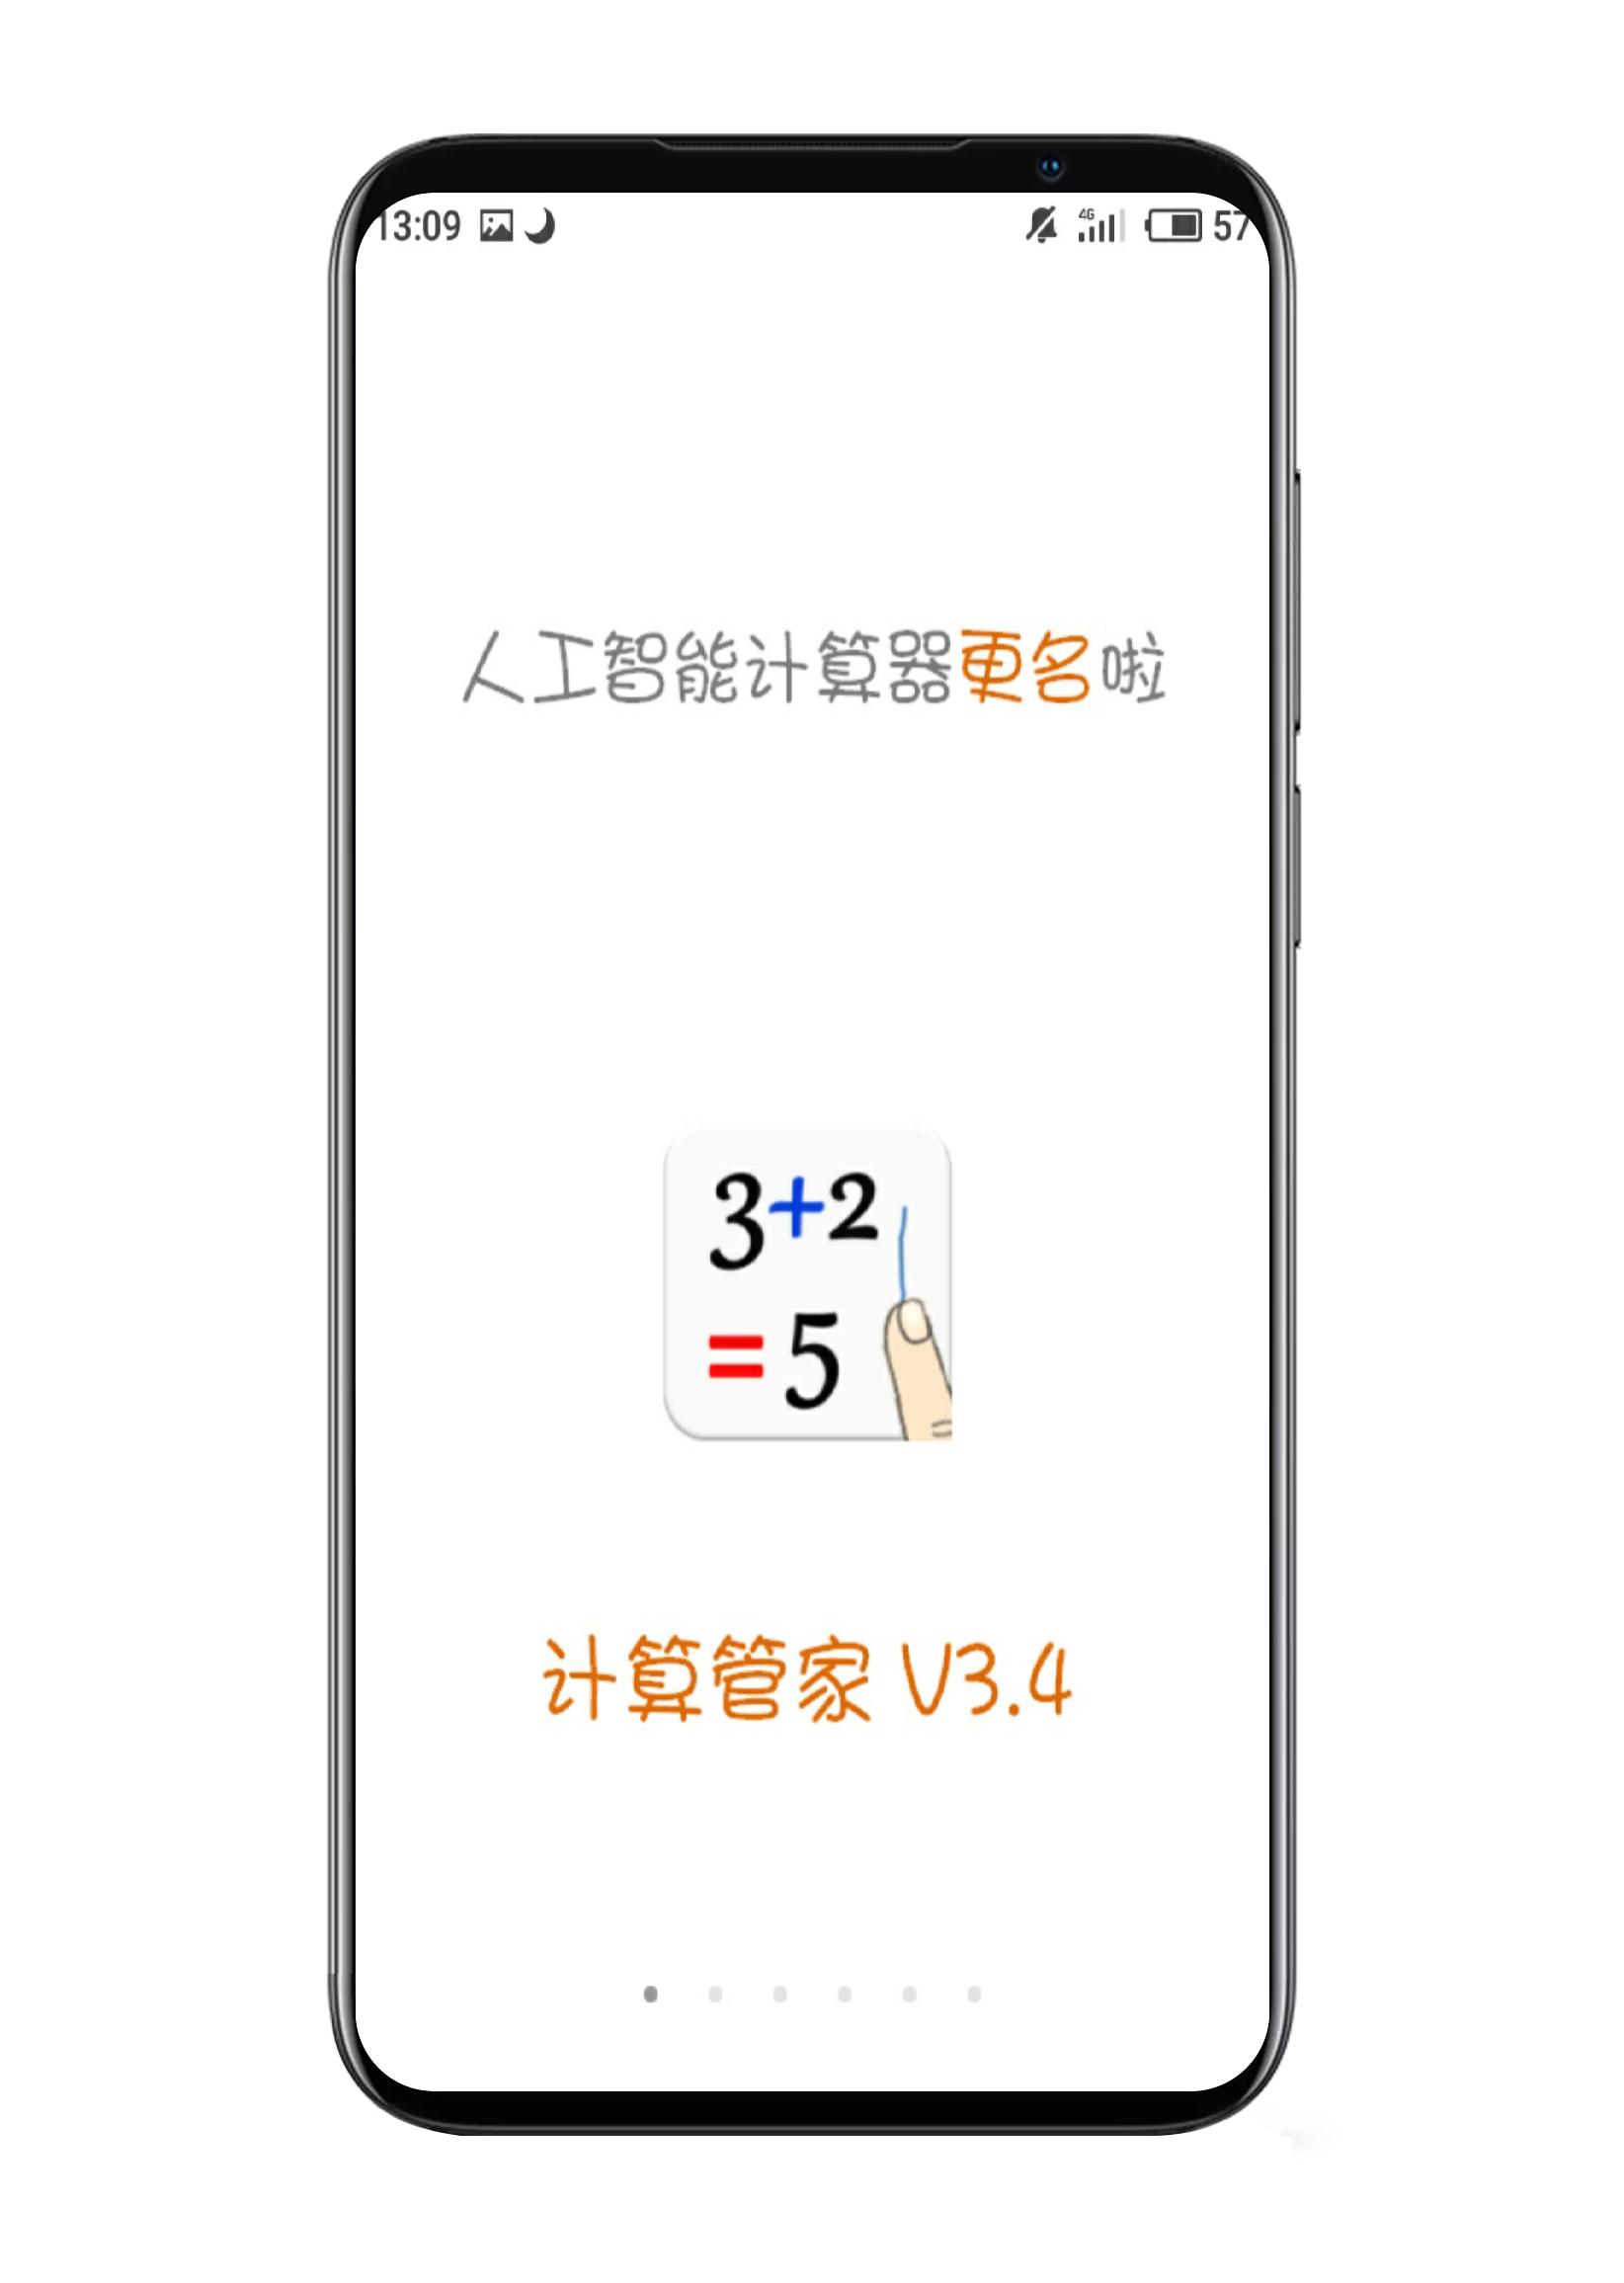 【分享】计算管家3.4.0付费版